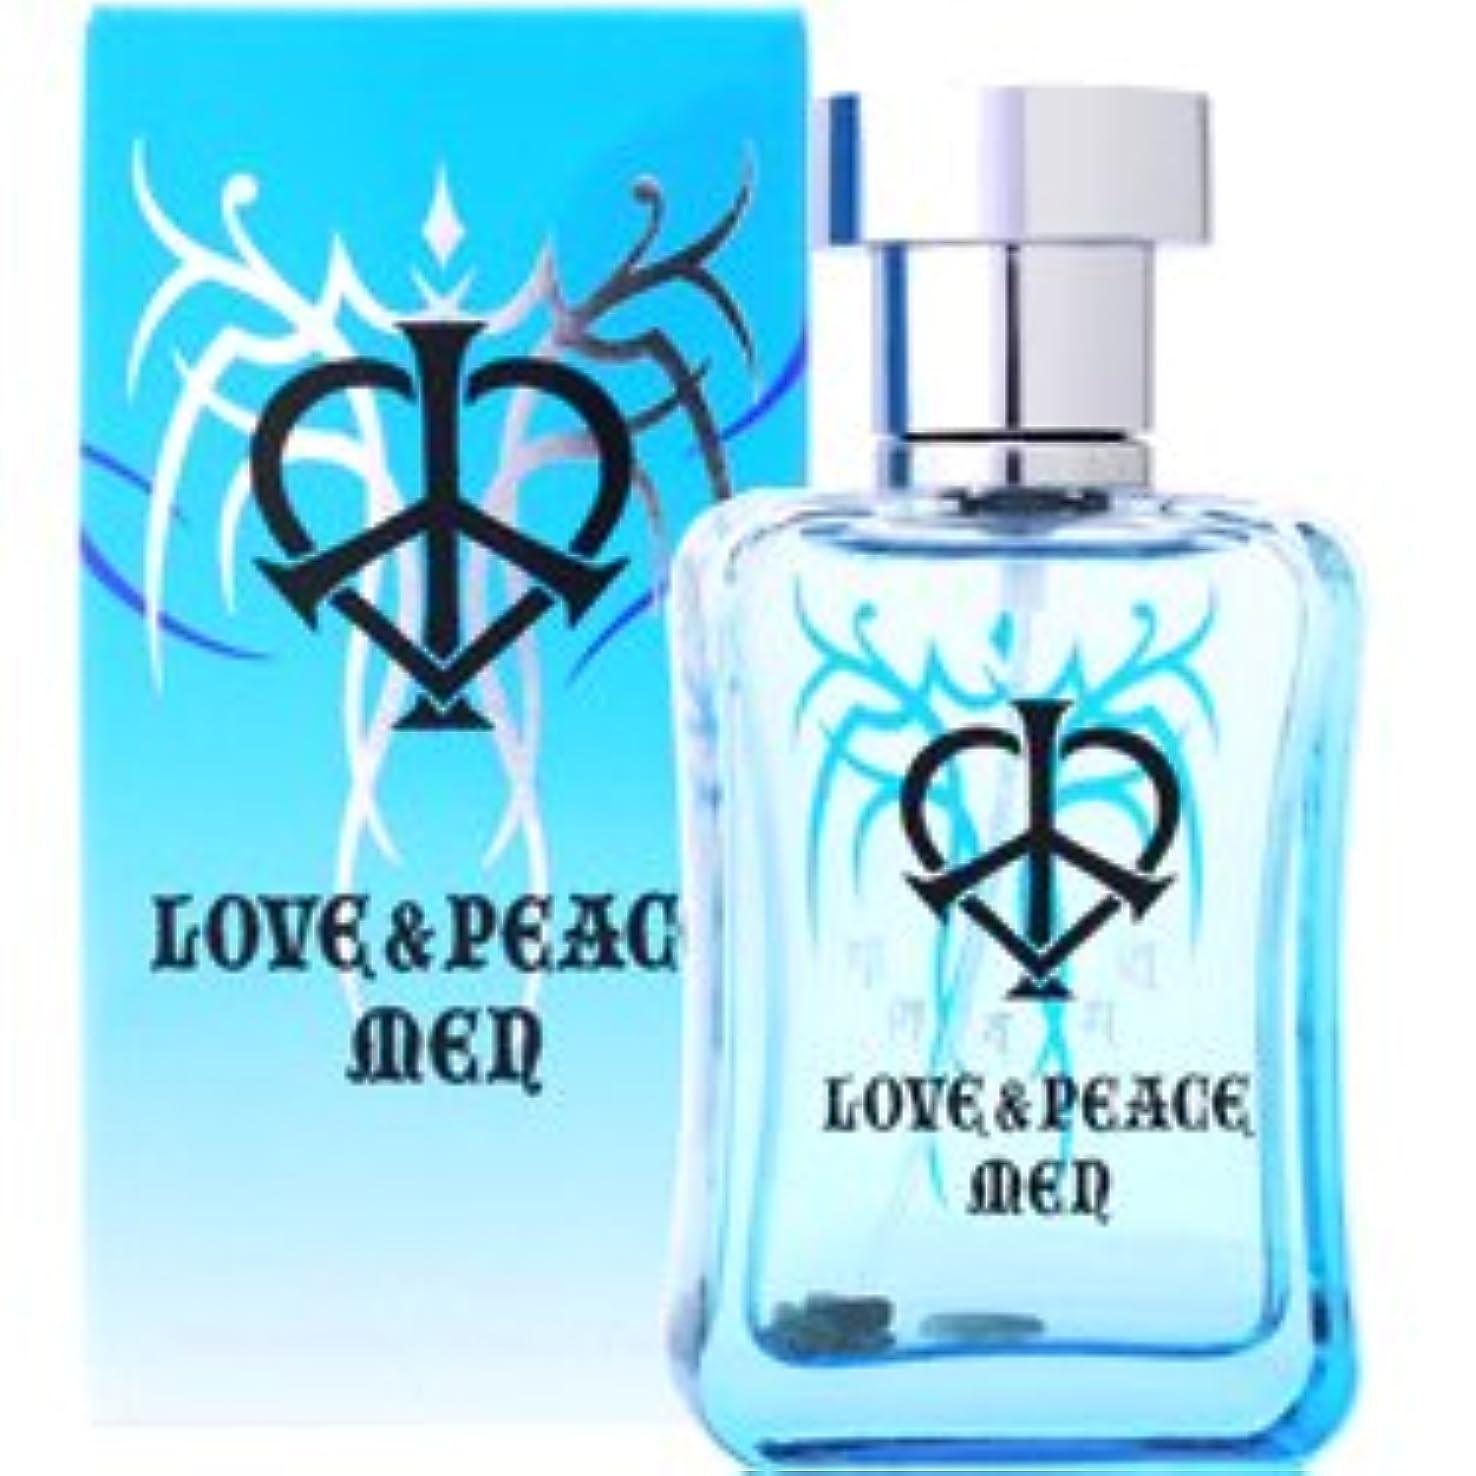 ラブ&ピース LOVE&PEACE ラブ&ピース メン オードパルファム EDP SP 50ml